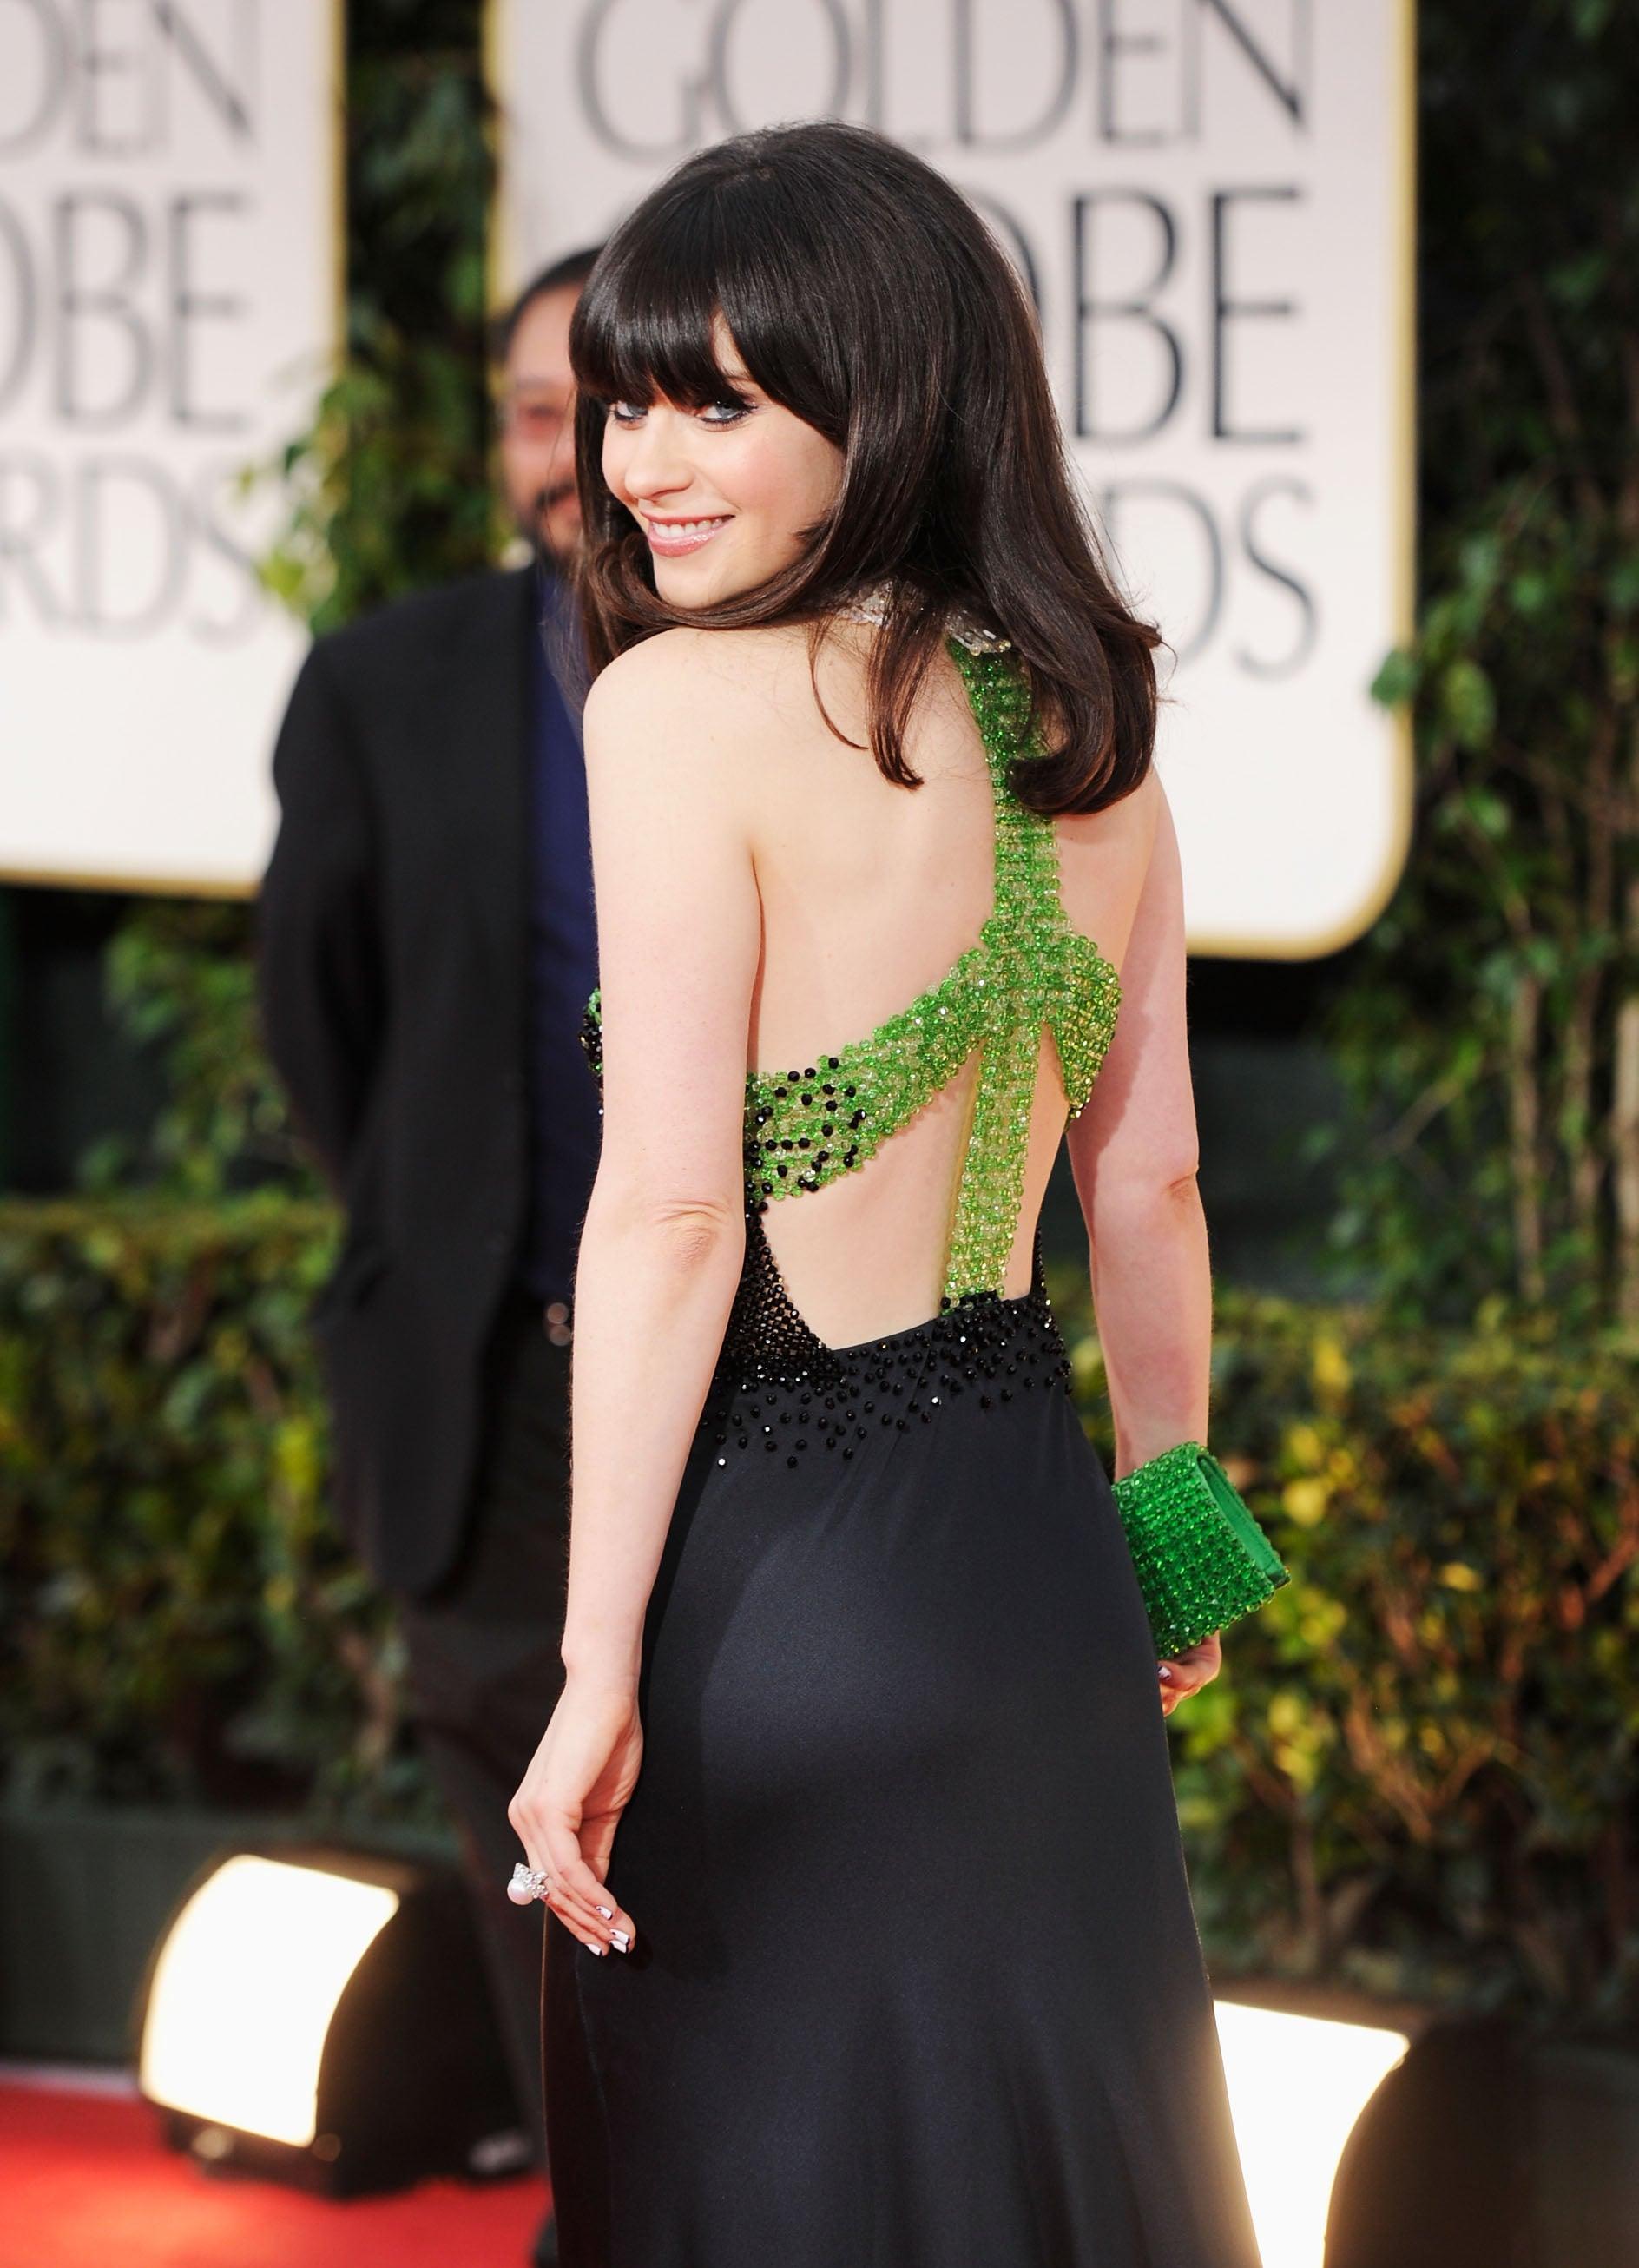 Zooey Deschanel in Prada at the Golden Globes.